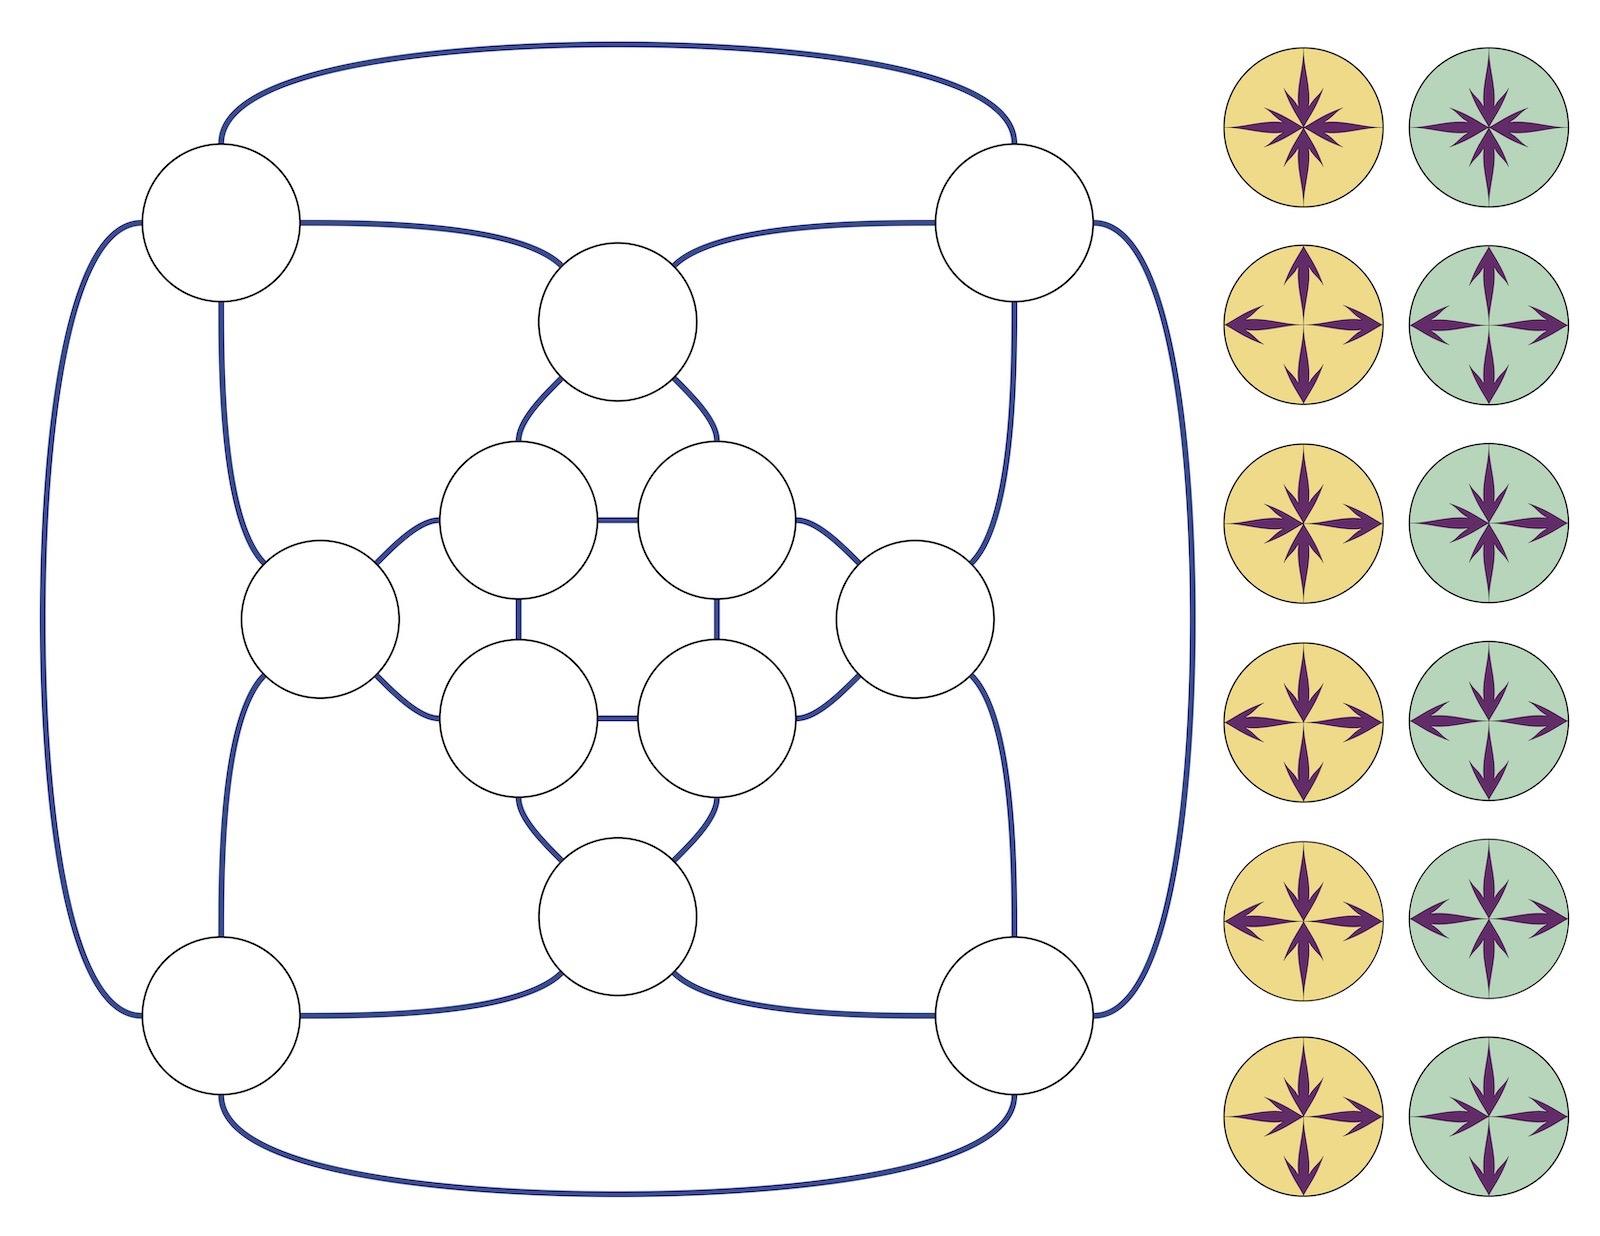 Cubocta game